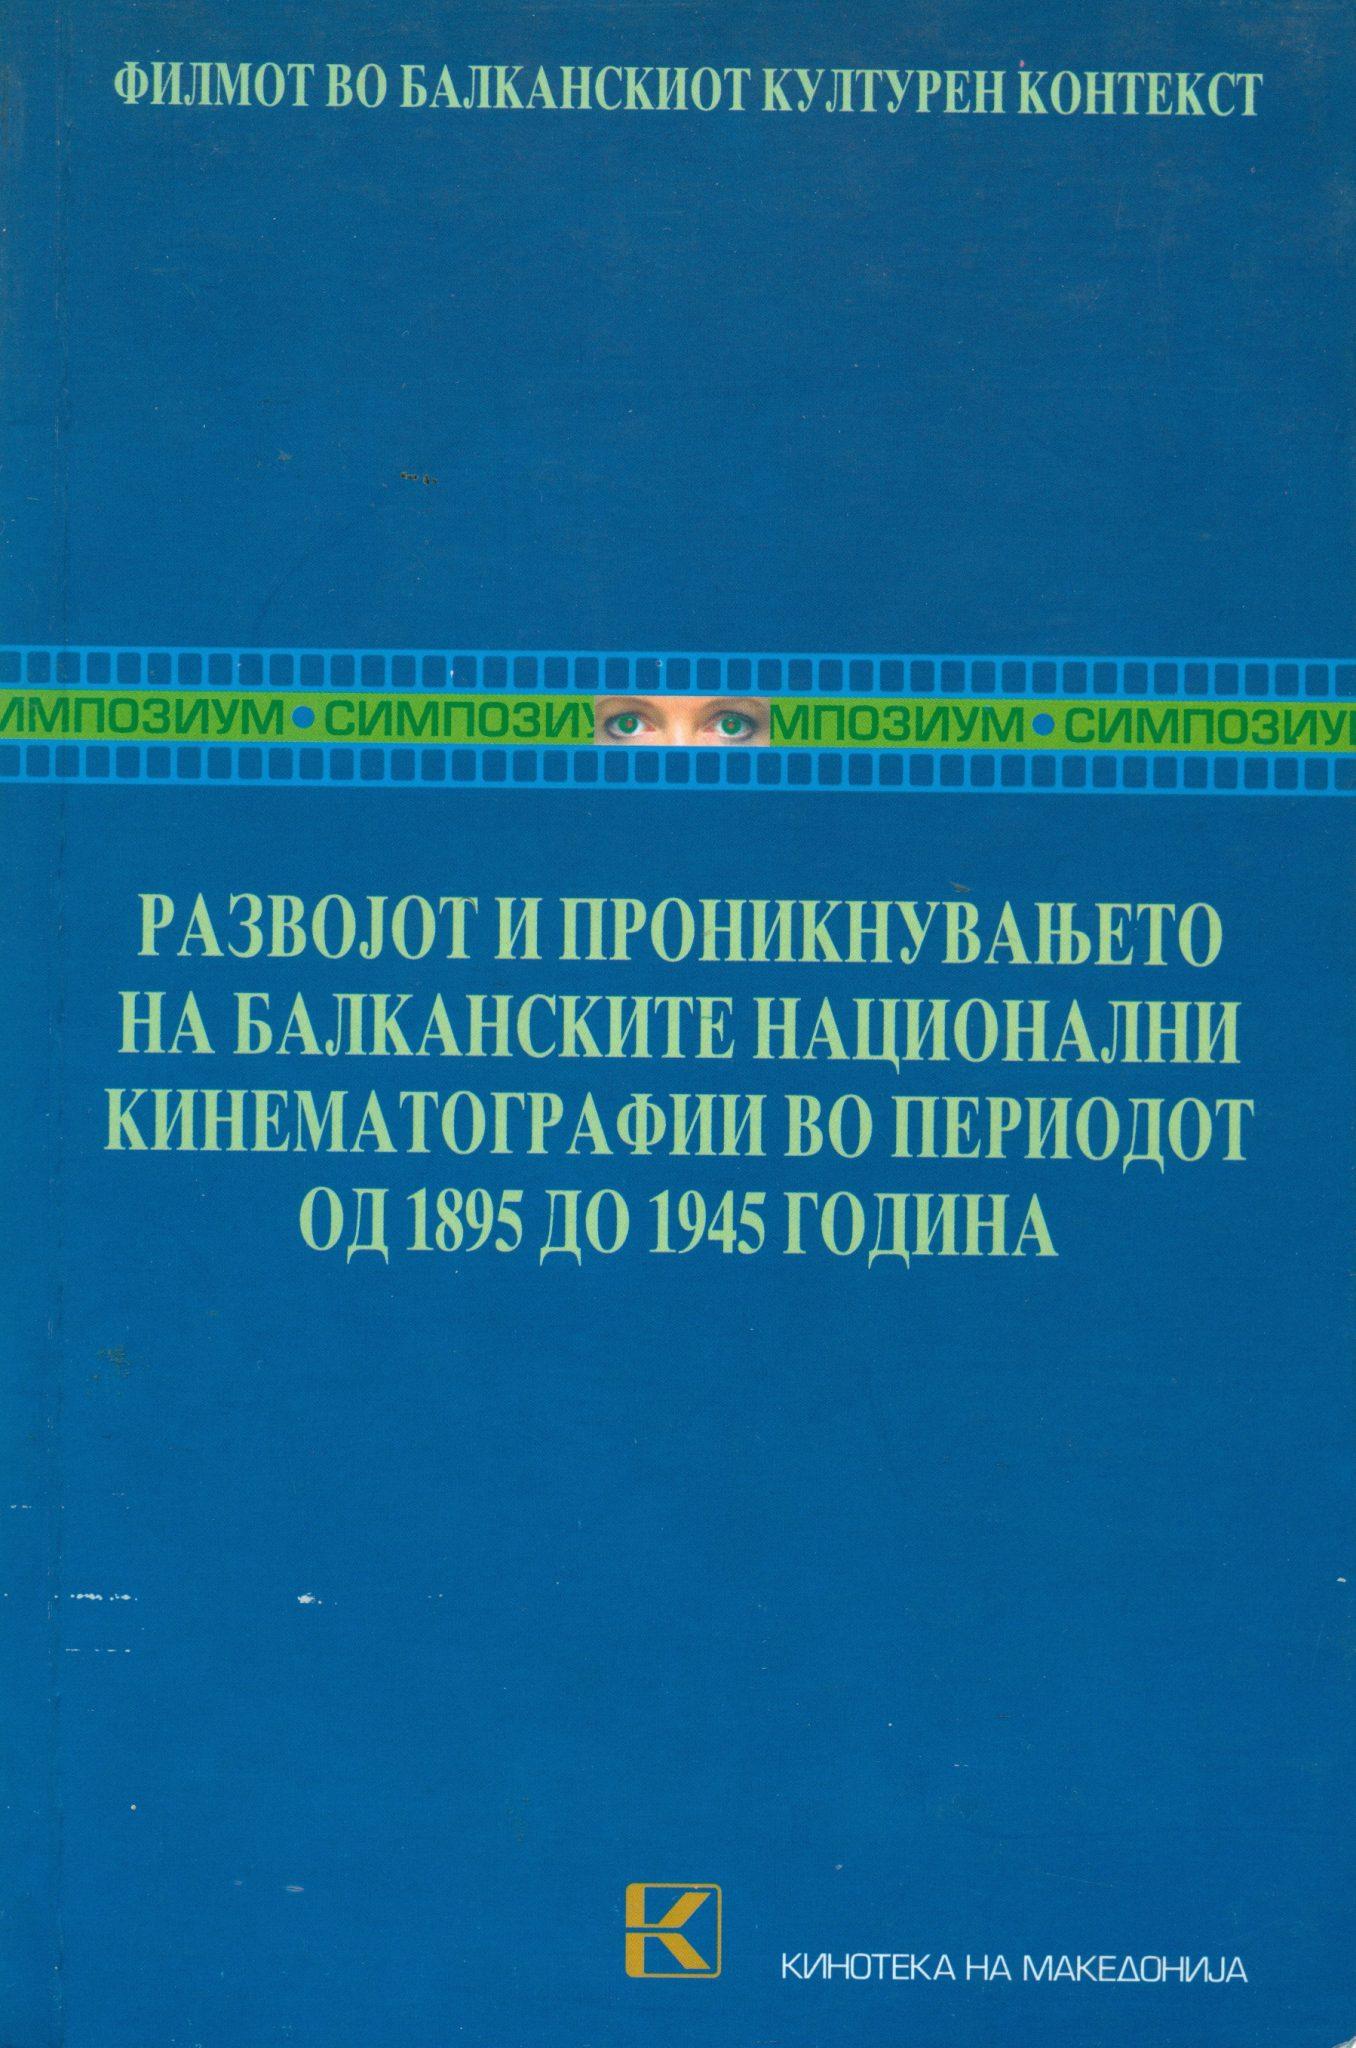 Филмот во балканскиот културен контекст (резултати од научен симпозиум)